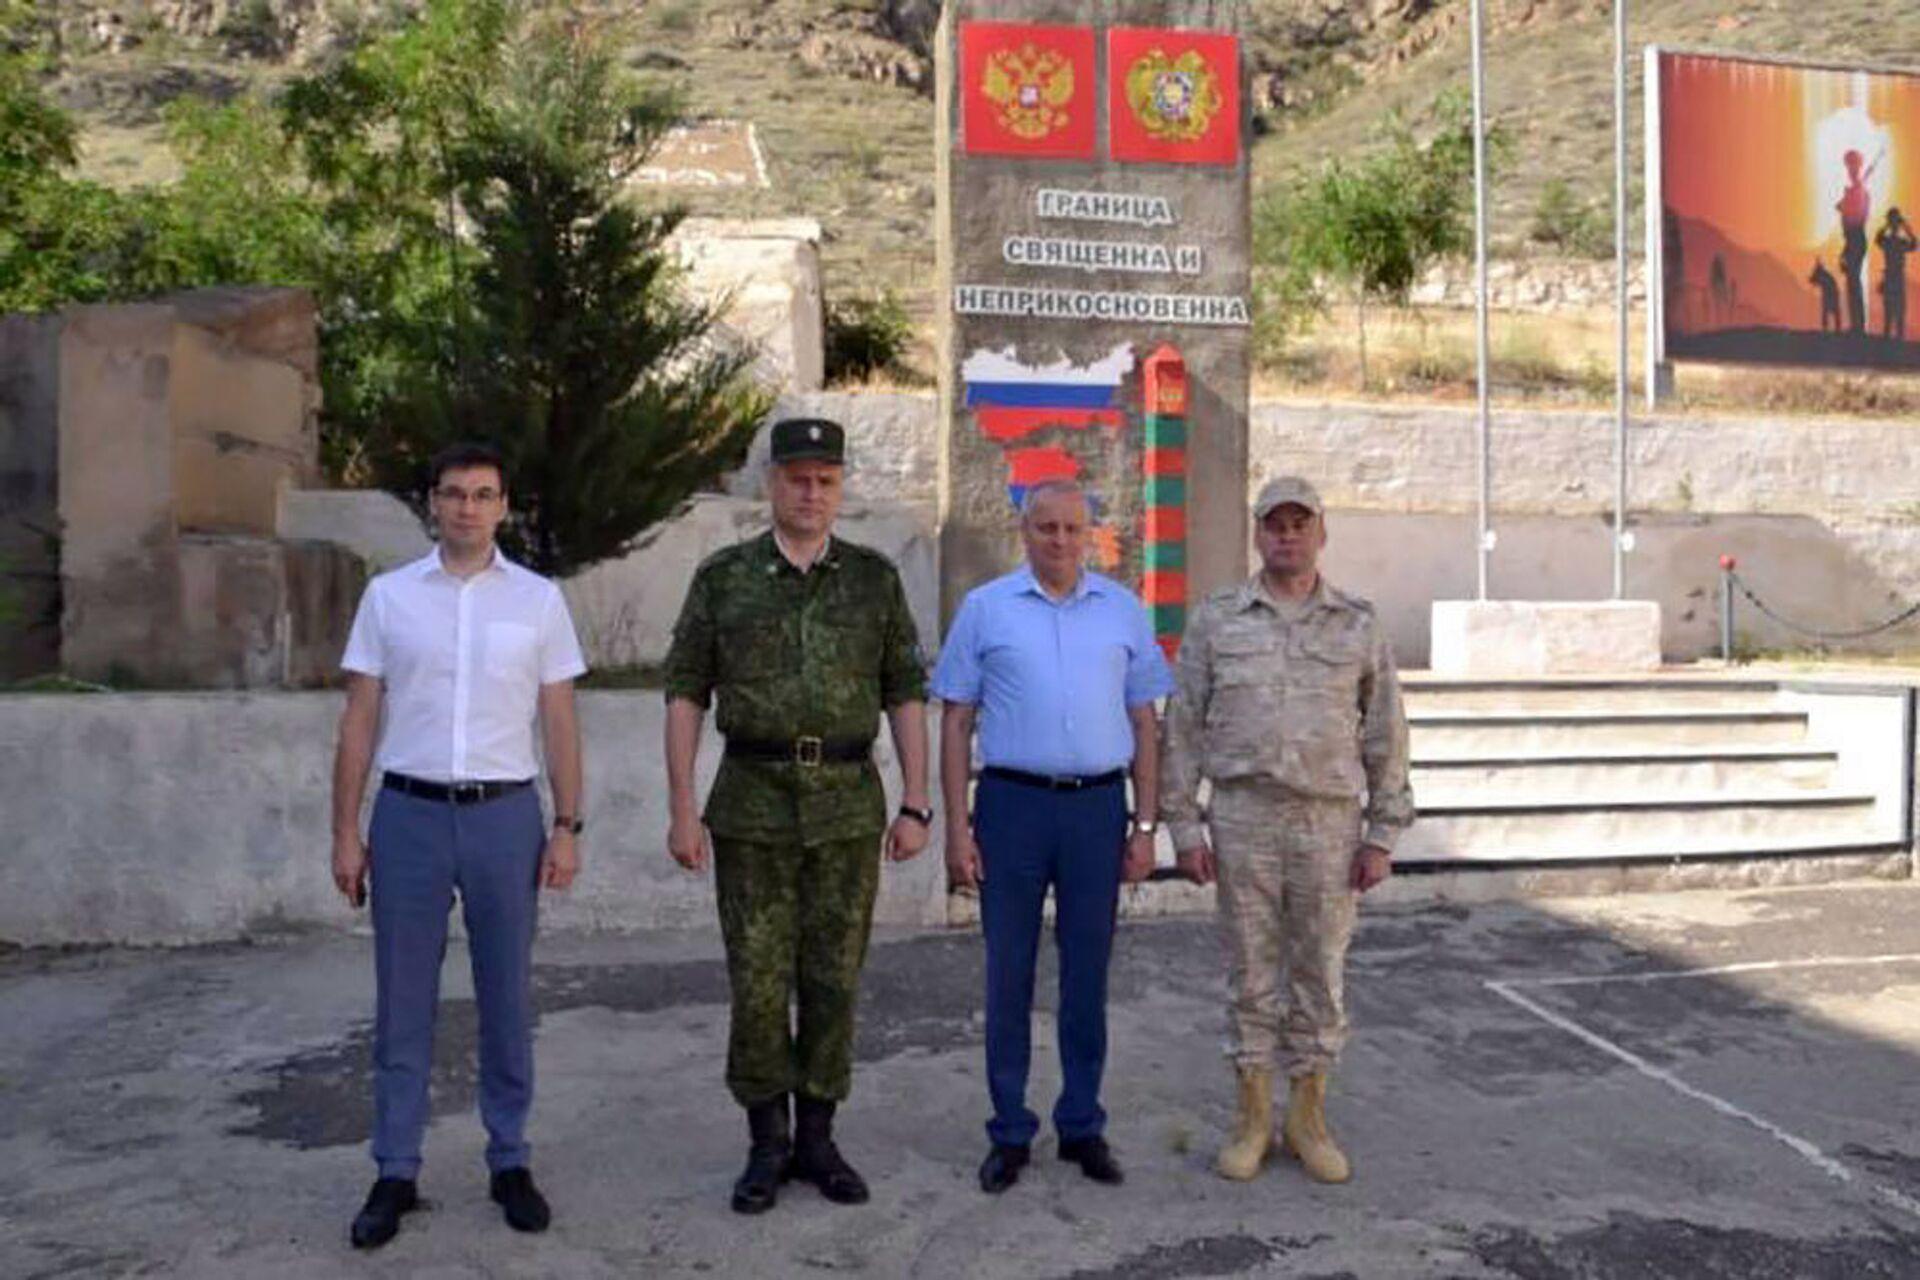 ՌԴ դեսպանն այցելել է Հայաստան-Իրան սահմանային ջոկատ. լուսանկարներ - Sputnik Արմենիա, 1920, 04.06.2021